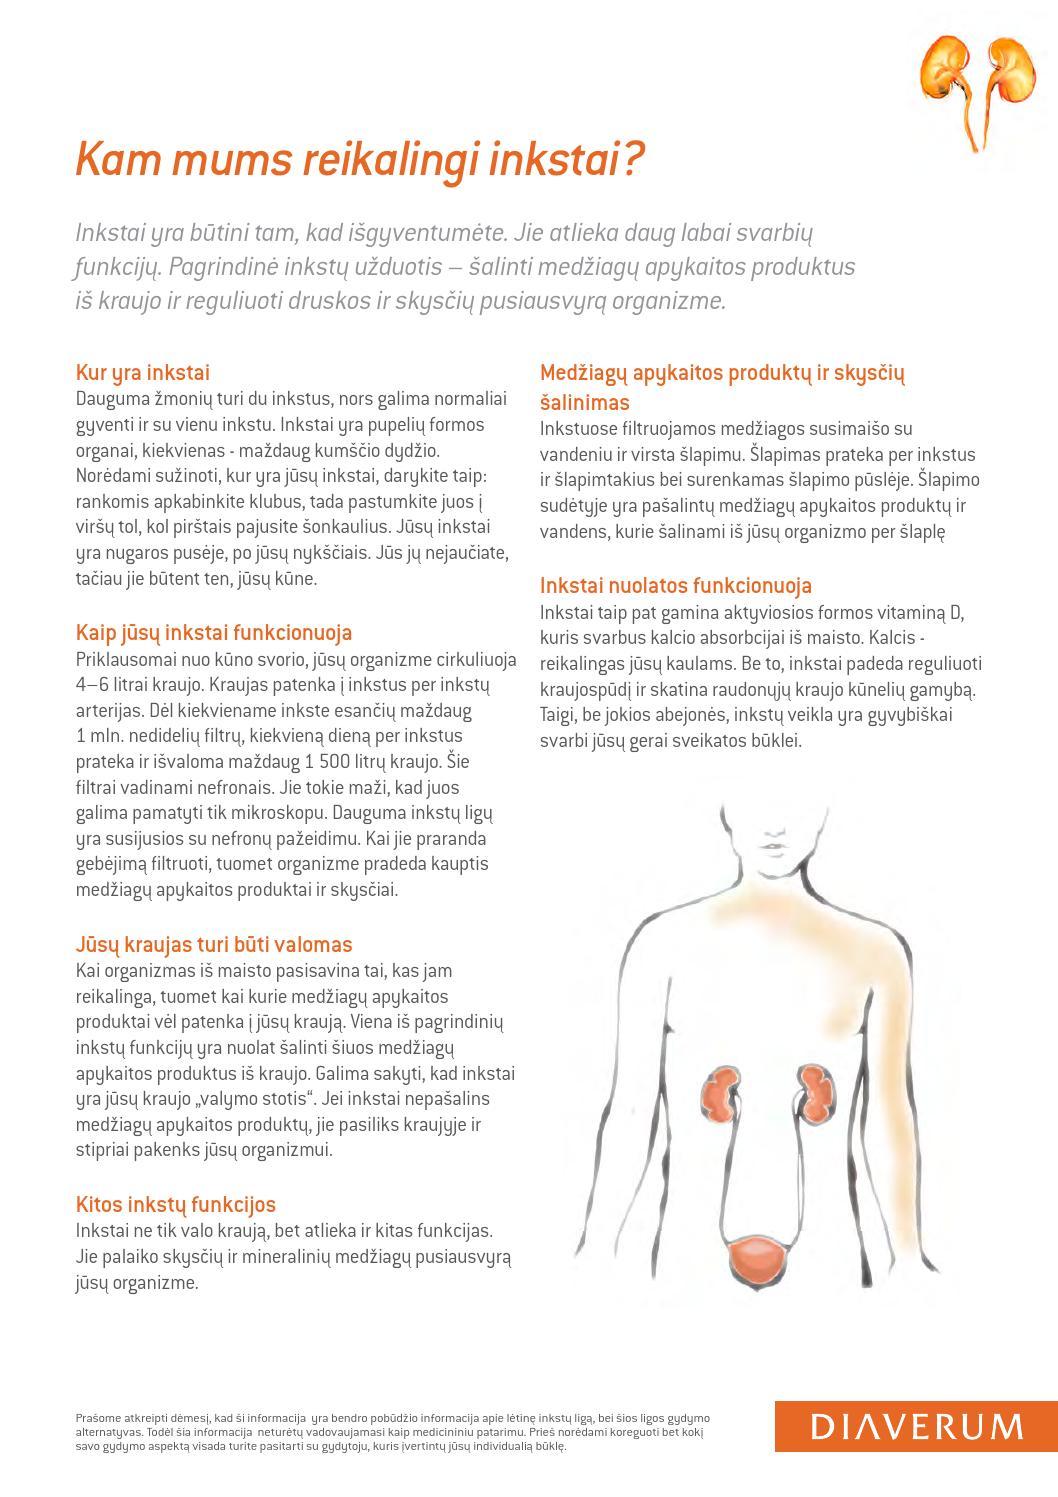 kaip sužinoti, kokia mano hipertenzijos stadija